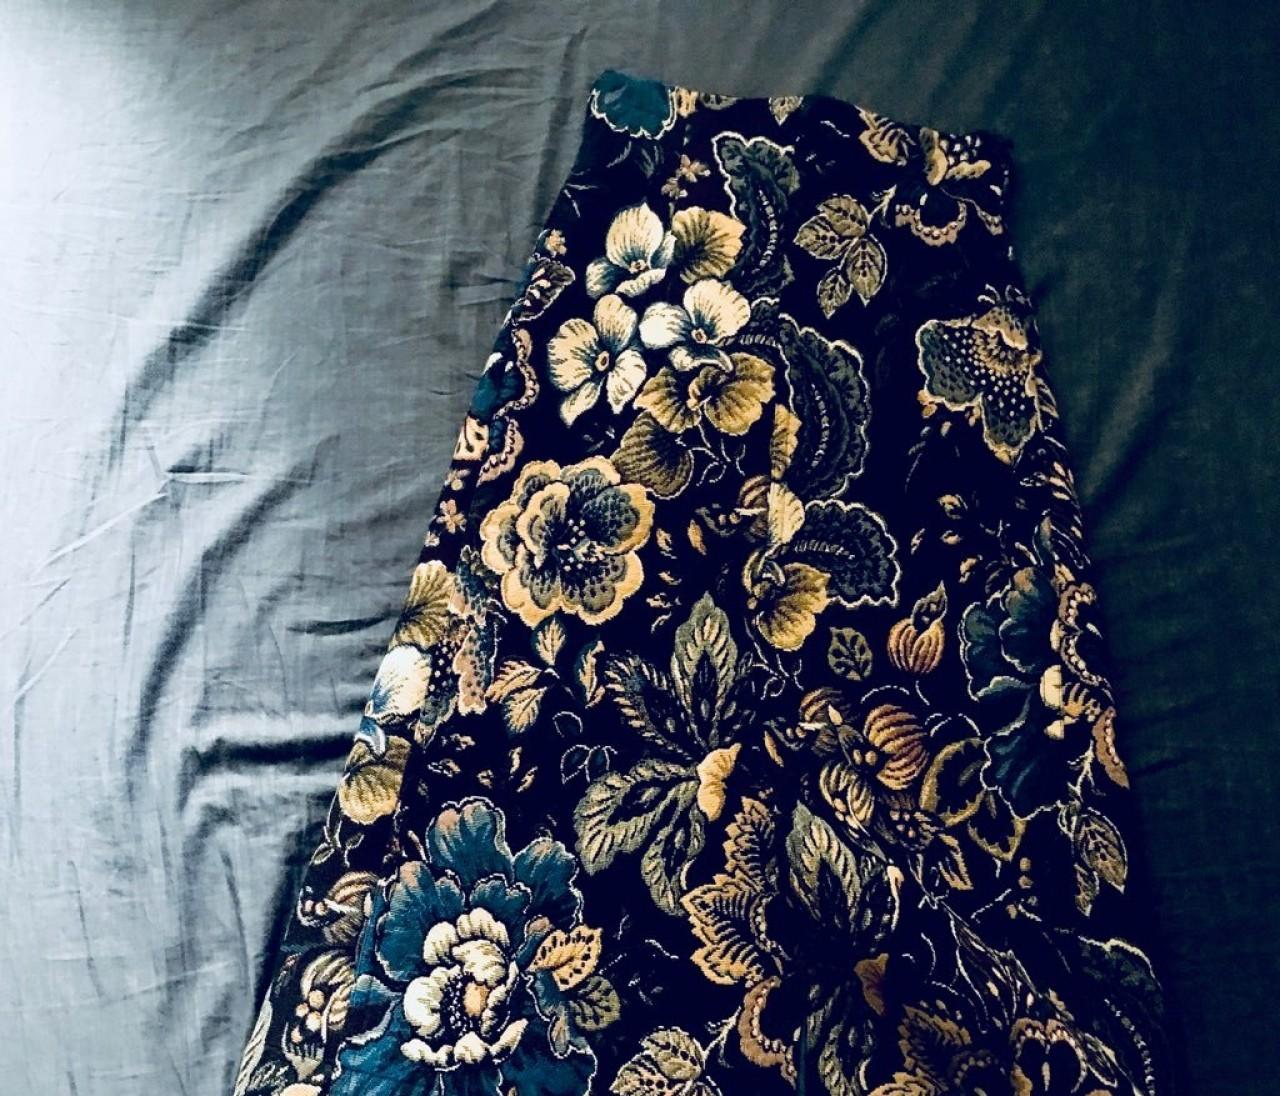 休日褒められ柄スカートは【アンスクリア】と【フィーニー】で見つける